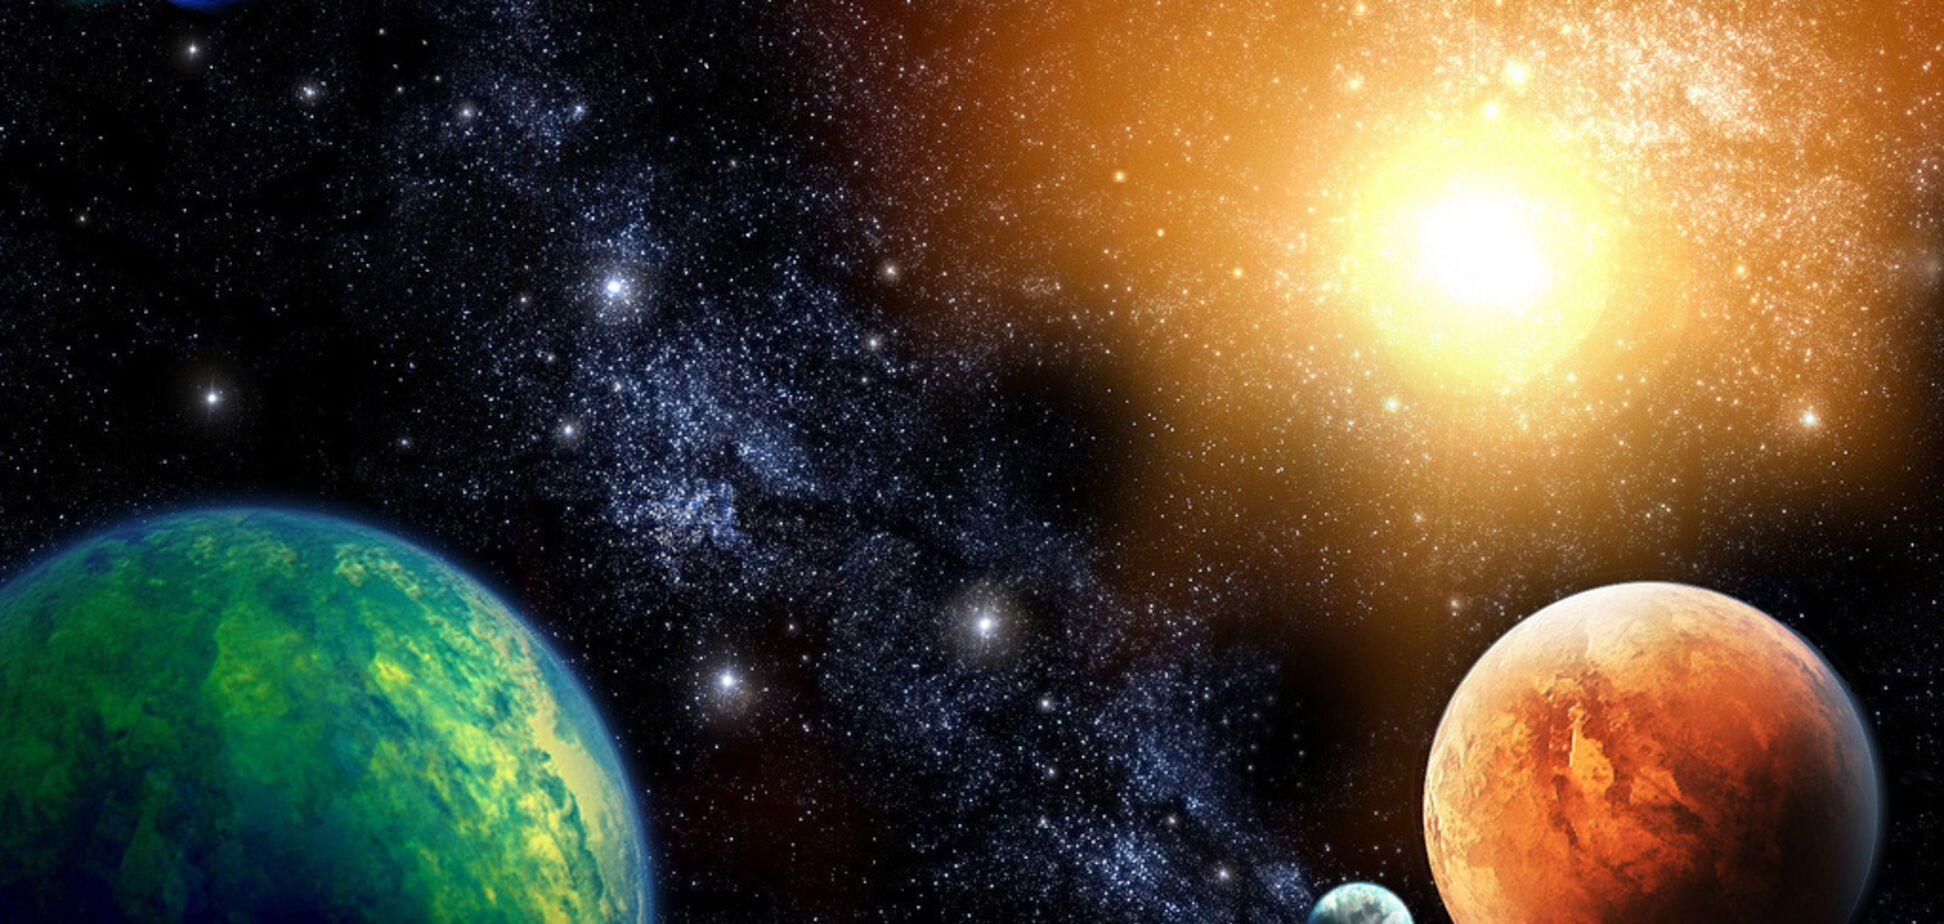 Последняя работа Хокинга: параллельные вселенные существуют